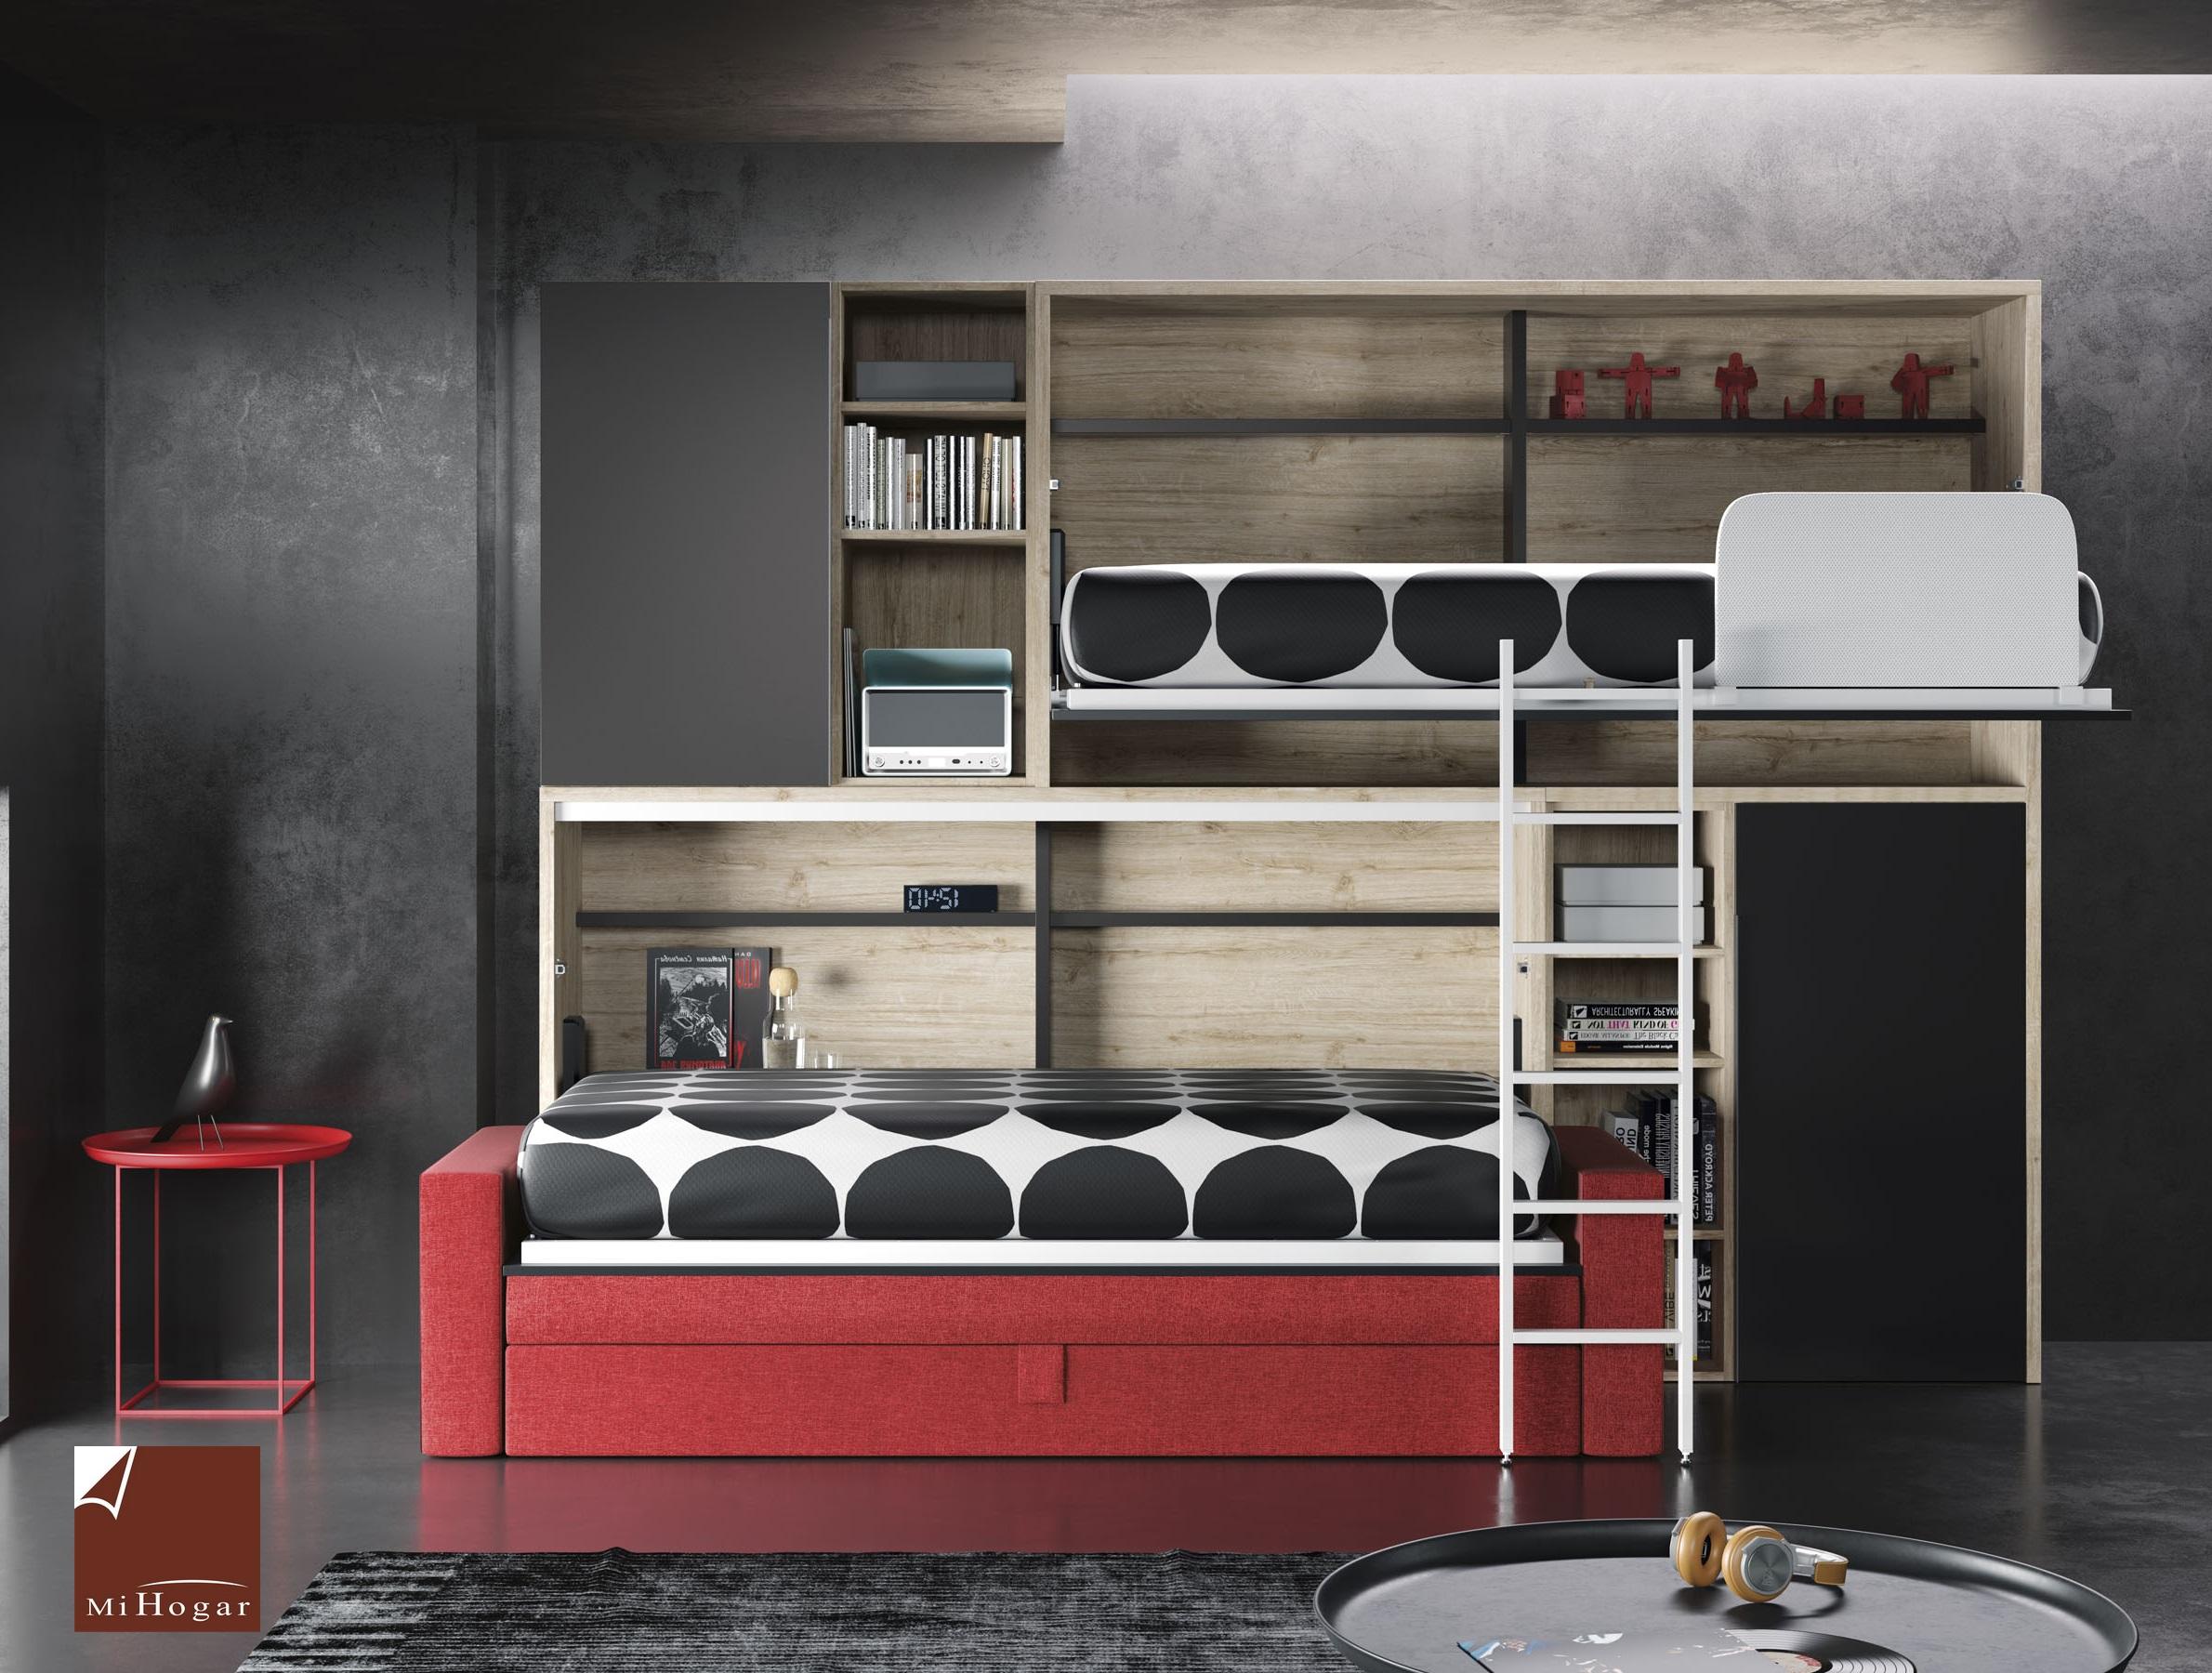 Cama abatible horizontal con sofa tmb muebles mi hogar - Dormitorios con camas abatibles ...